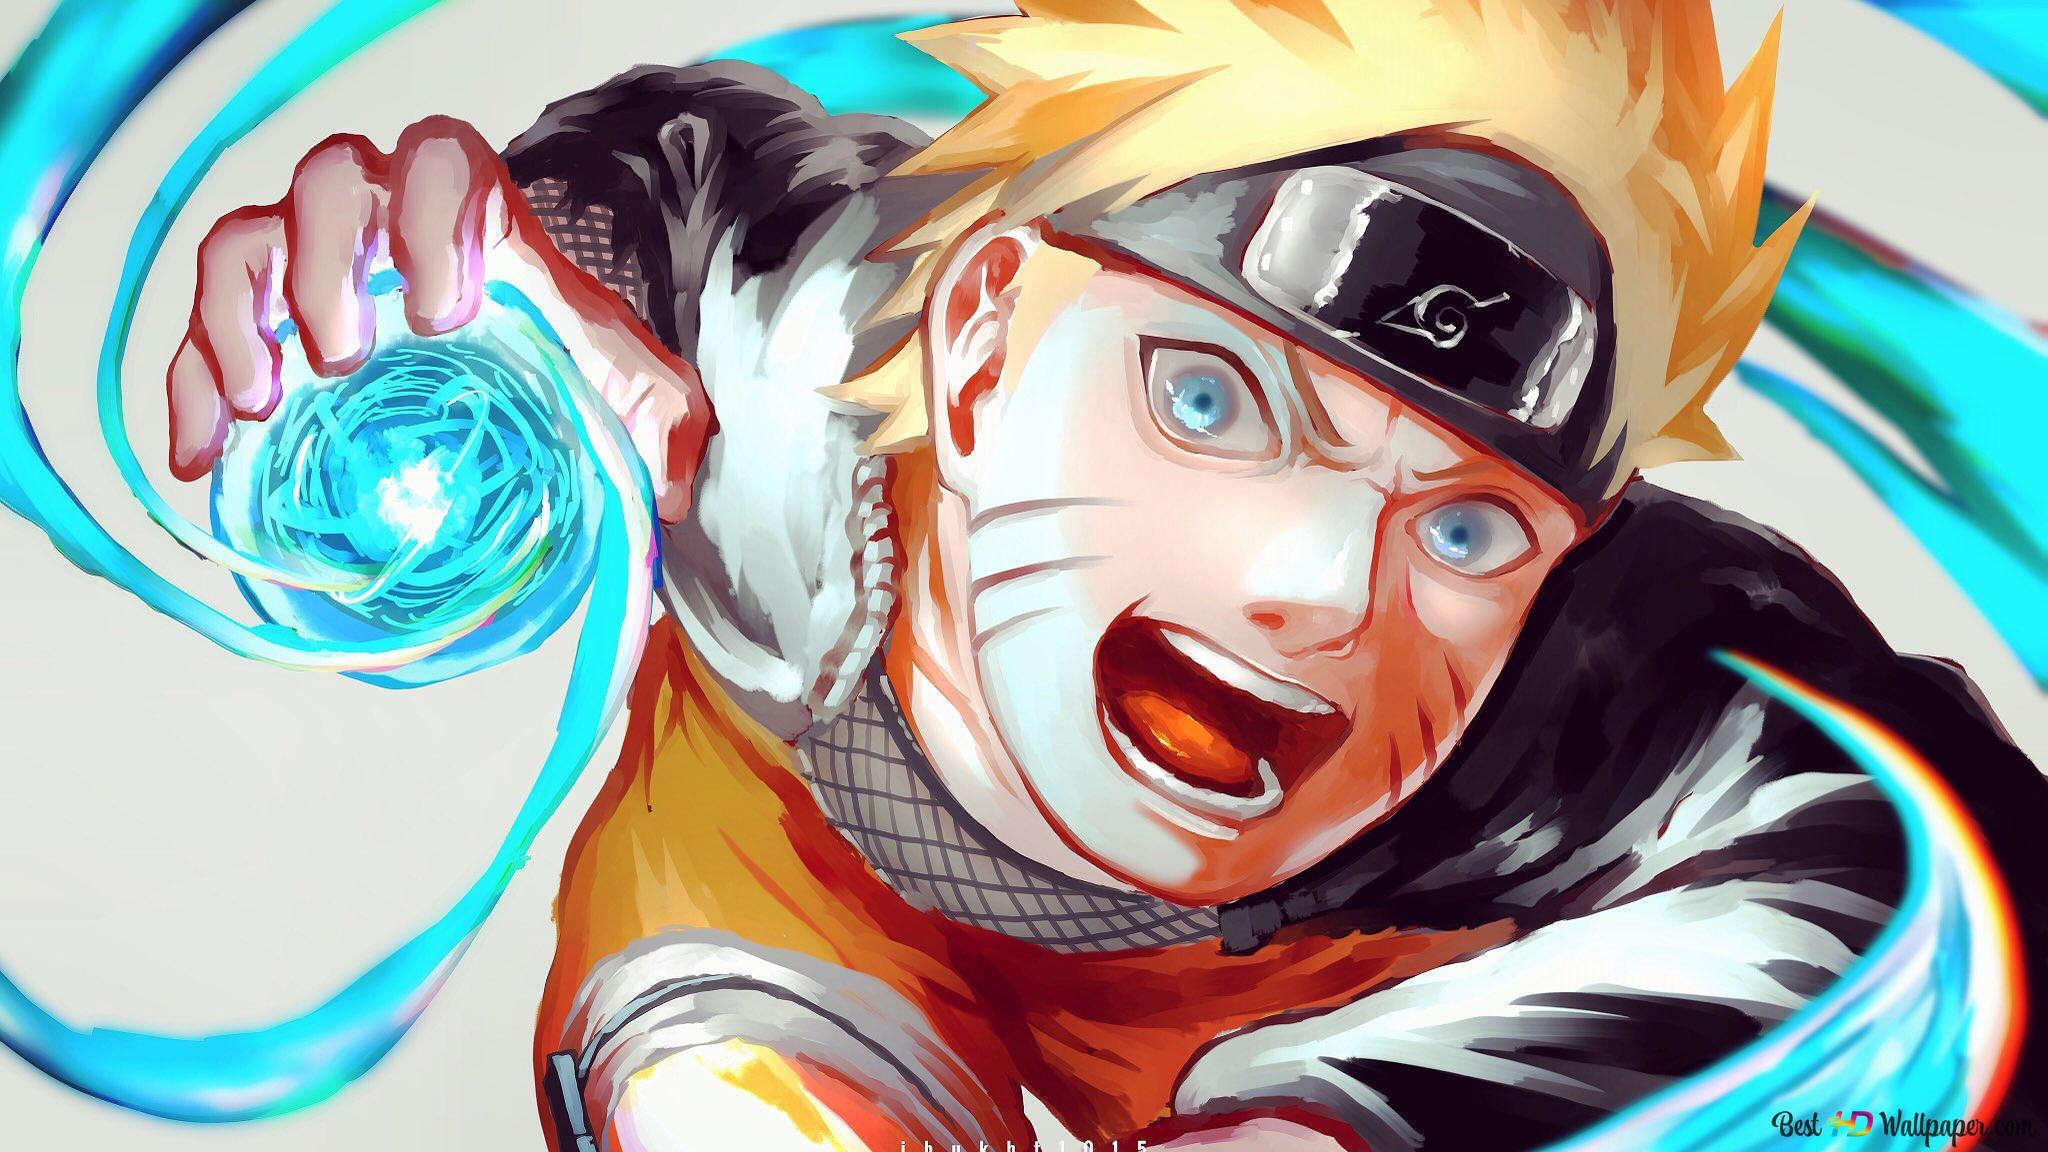 Naruto ナルト 疾風伝 うずまきナルト最終螺旋丸 Hd壁紙の